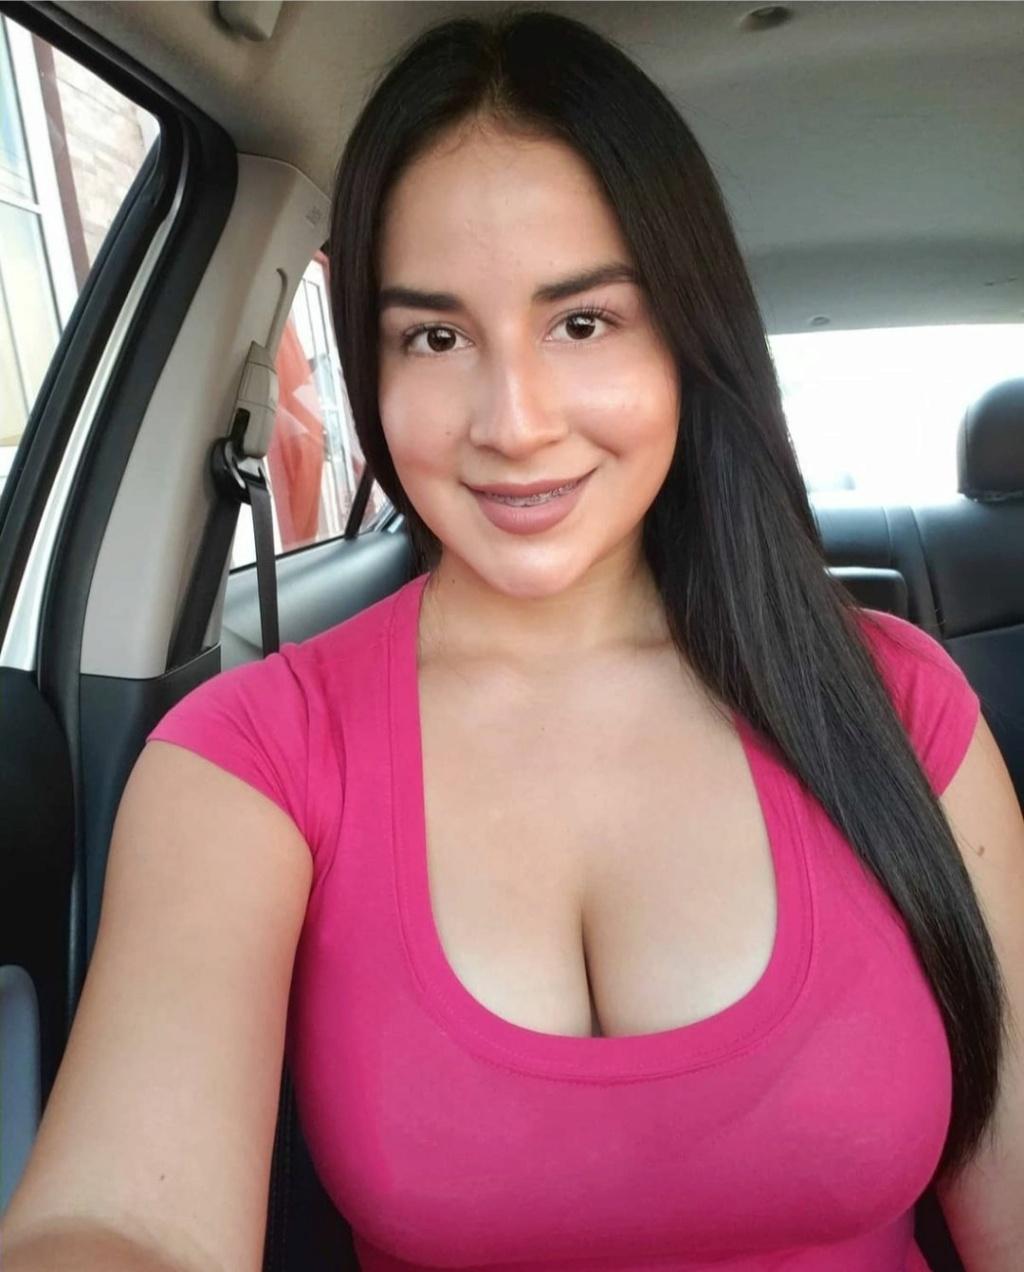 DEBATE sobre belleza, guapura y hermosura (fotos de chicas latinas, mestizas, y de todo) - VOL II - Página 14 Img_1662